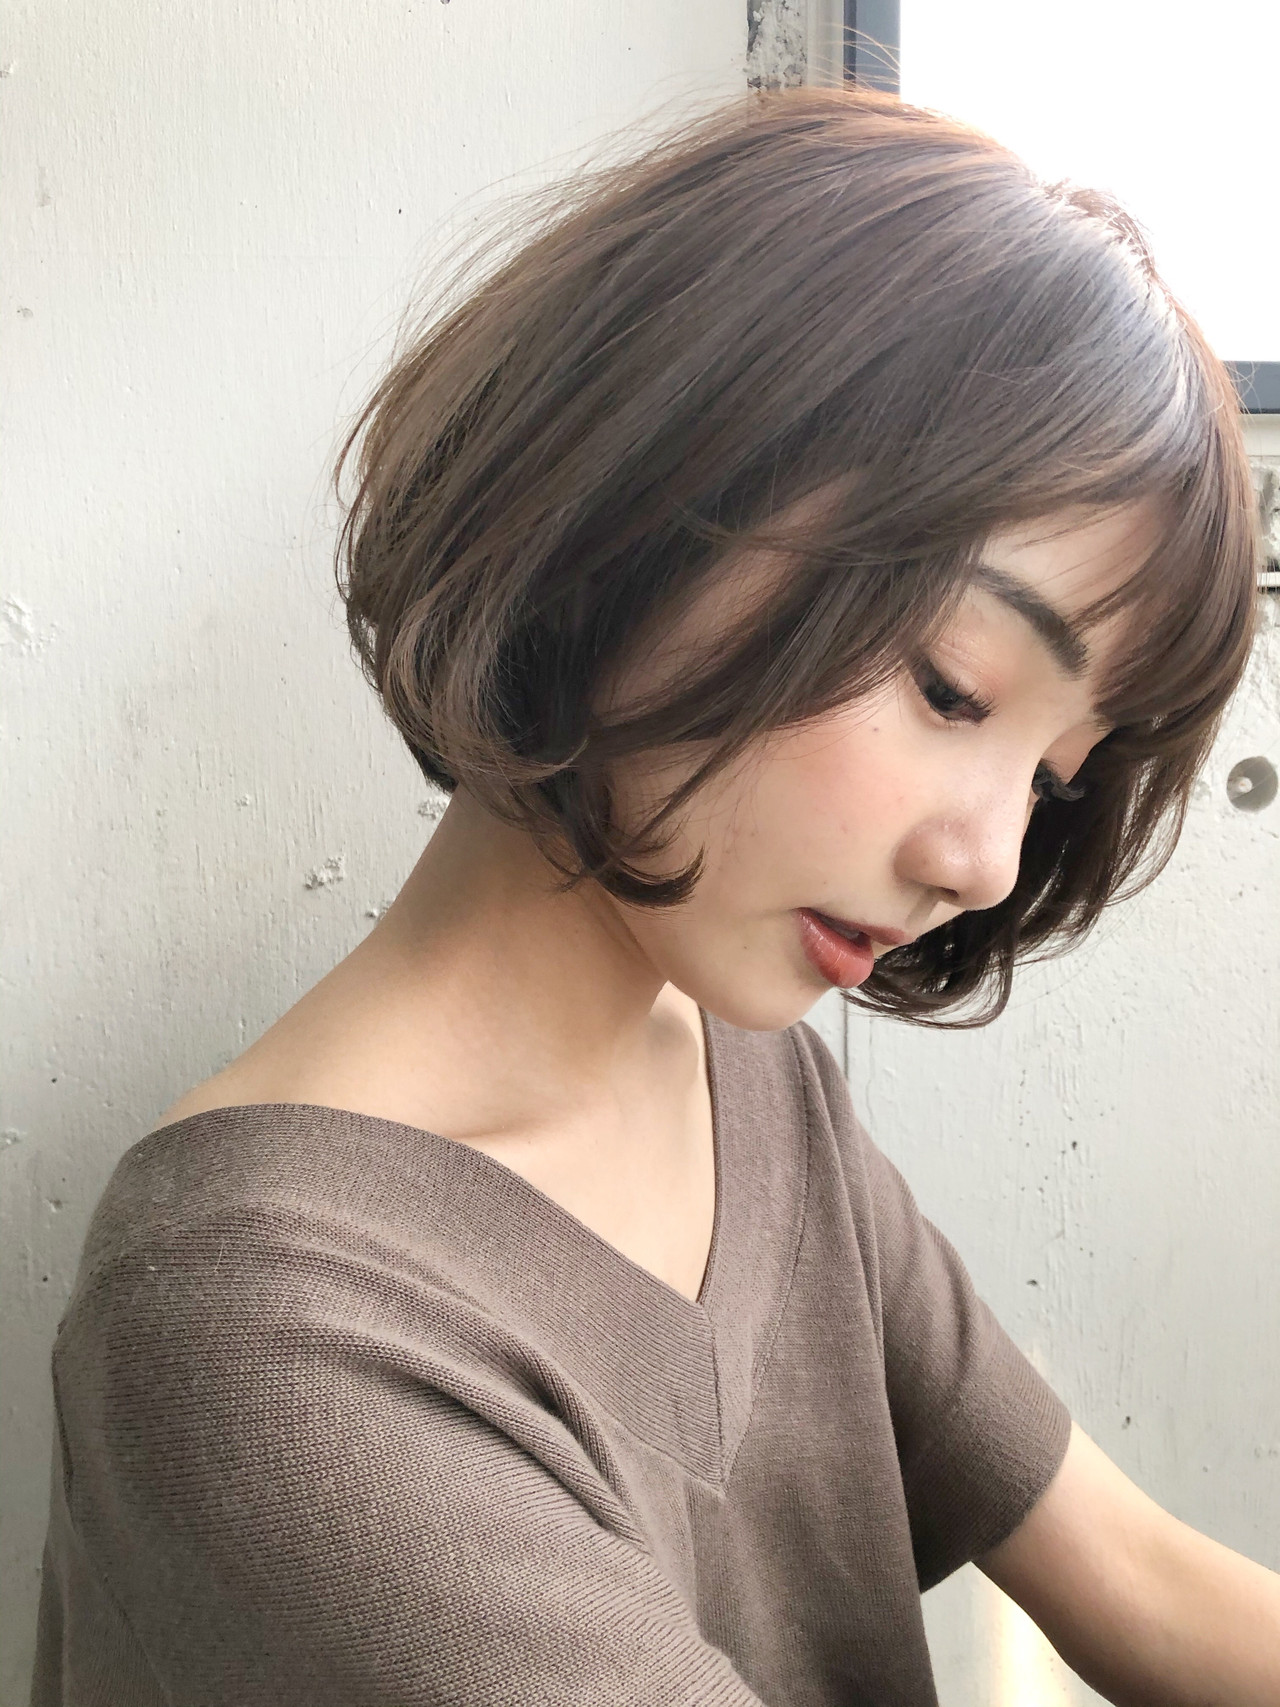 ショートヘア アンニュイほつれヘア ミニボブ ショートボブ ヘアスタイルや髪型の写真・画像